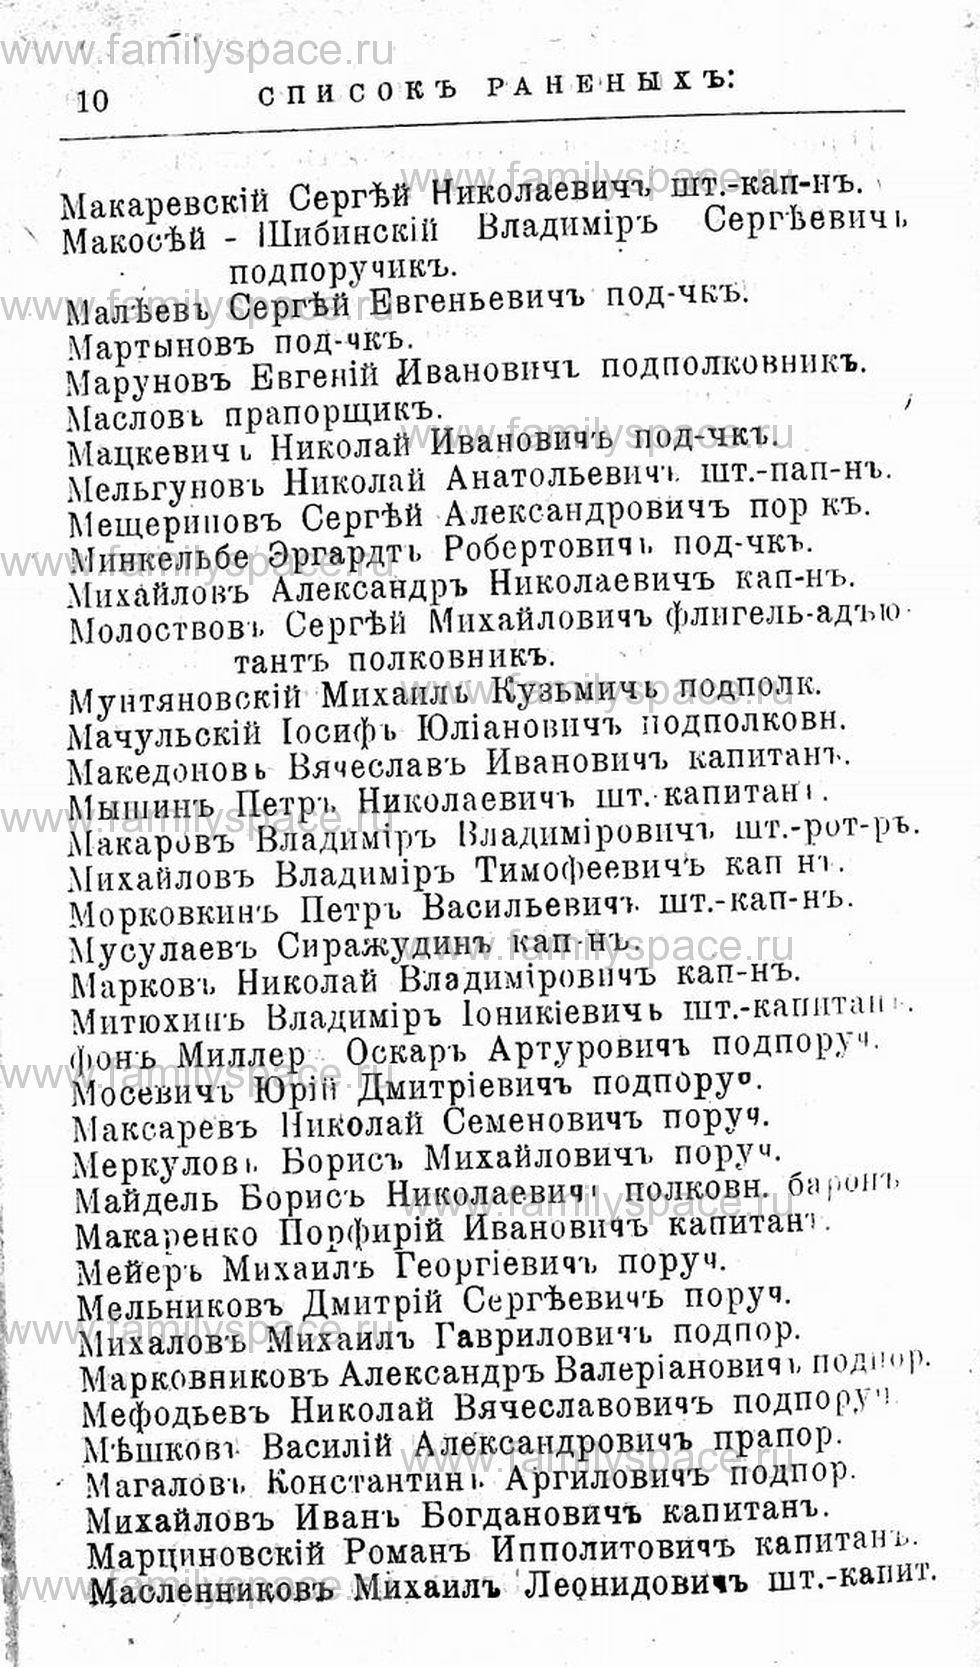 Поиск по фамилии - Первая мировая война - 1914 (списки убитых и раненых), страница 10